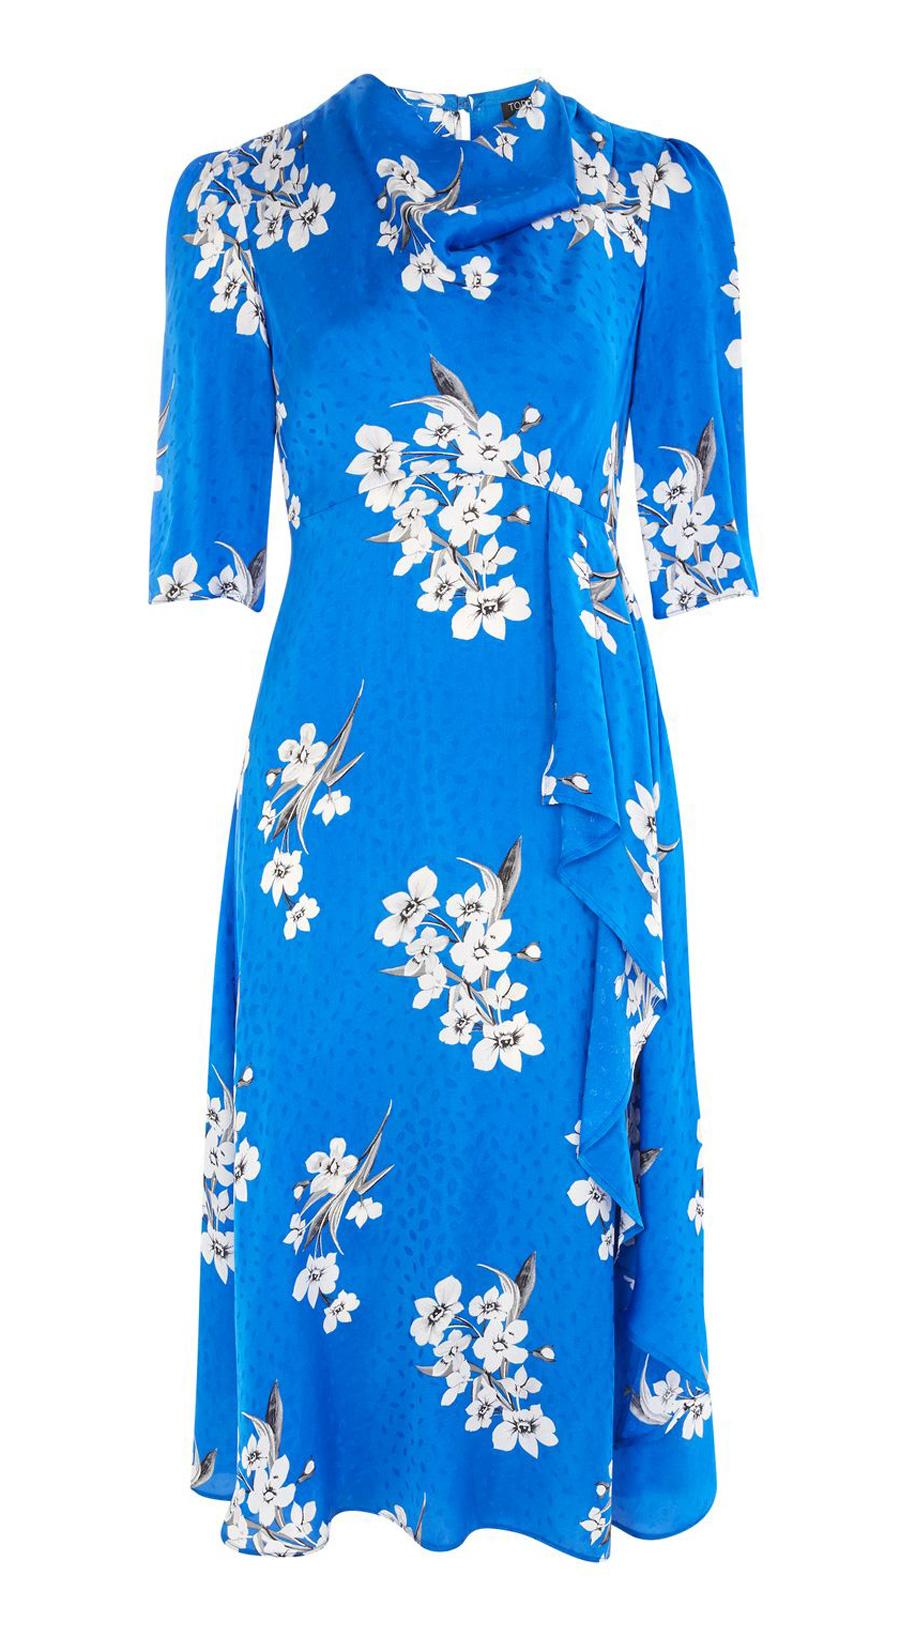 032ca198a1 Los 10 vestidos de moda primavera-verano 2018 - InStyle